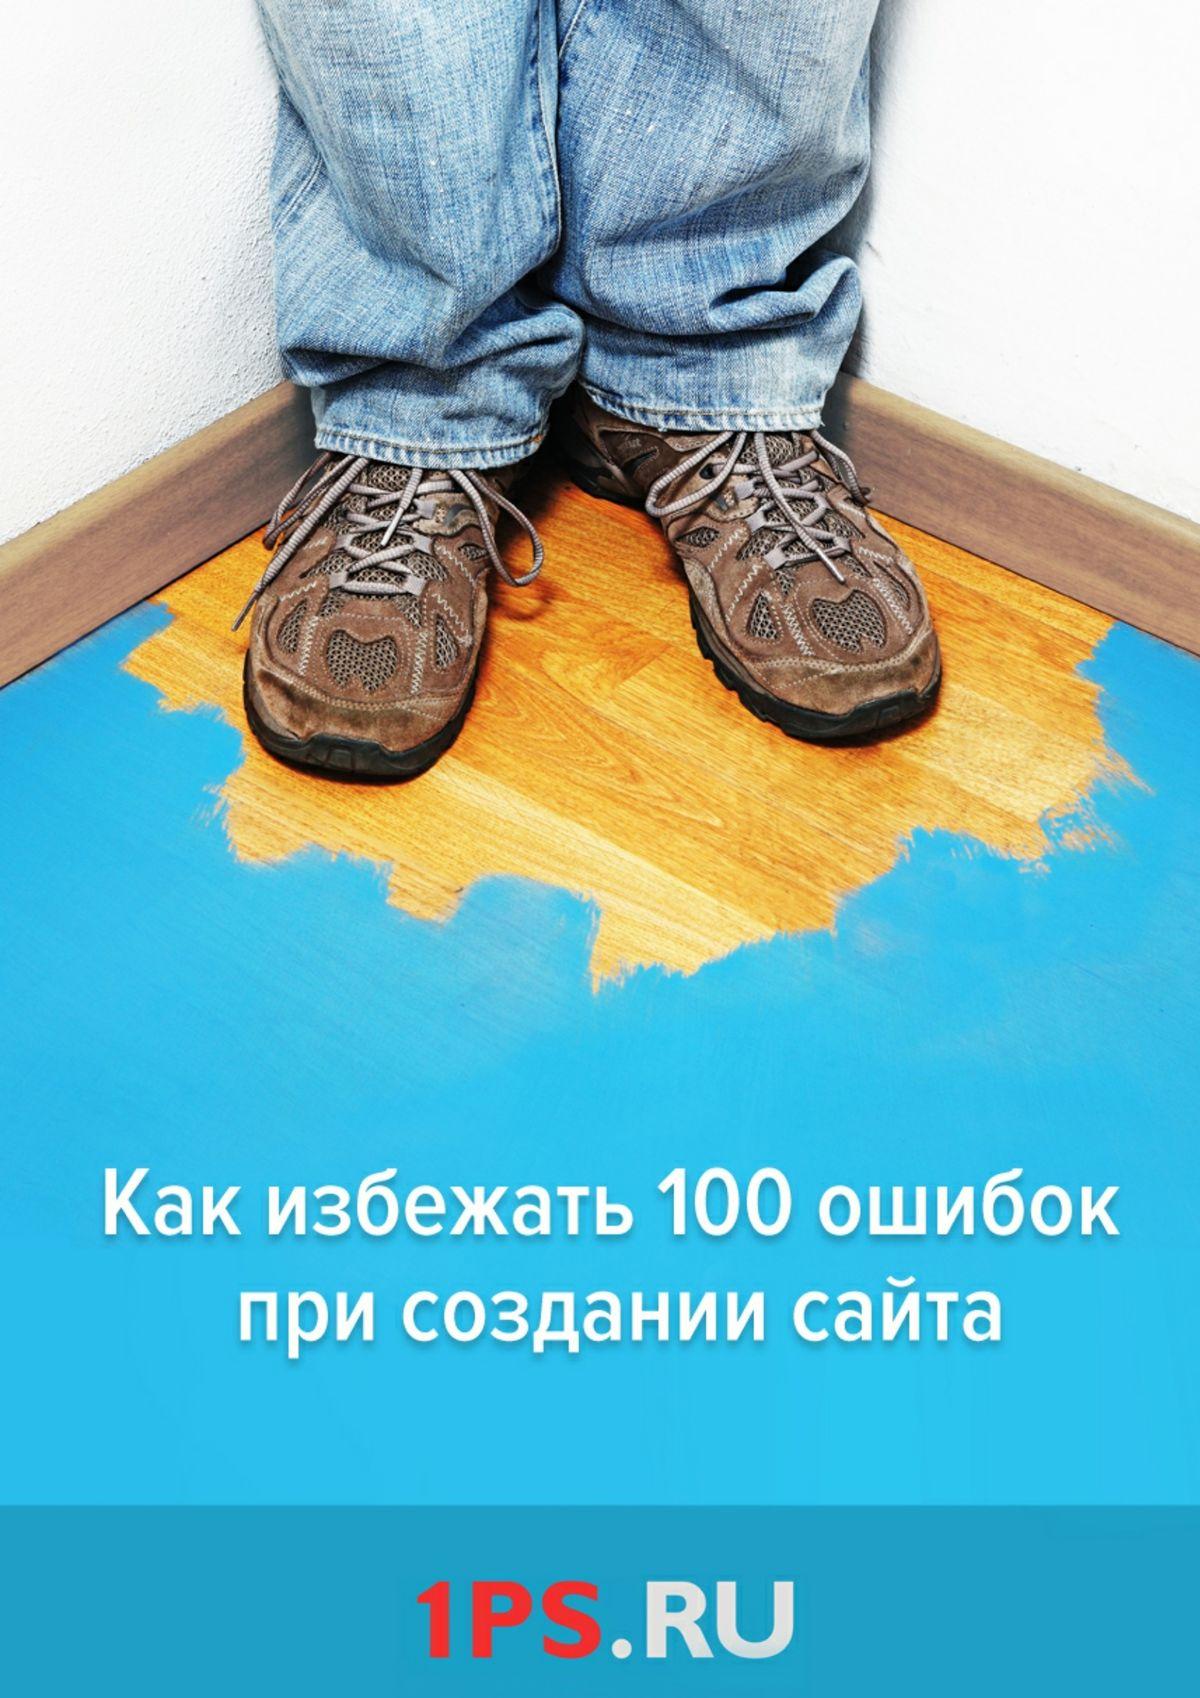 1ps.ru Как избежать 100 ошибок при создании сайта